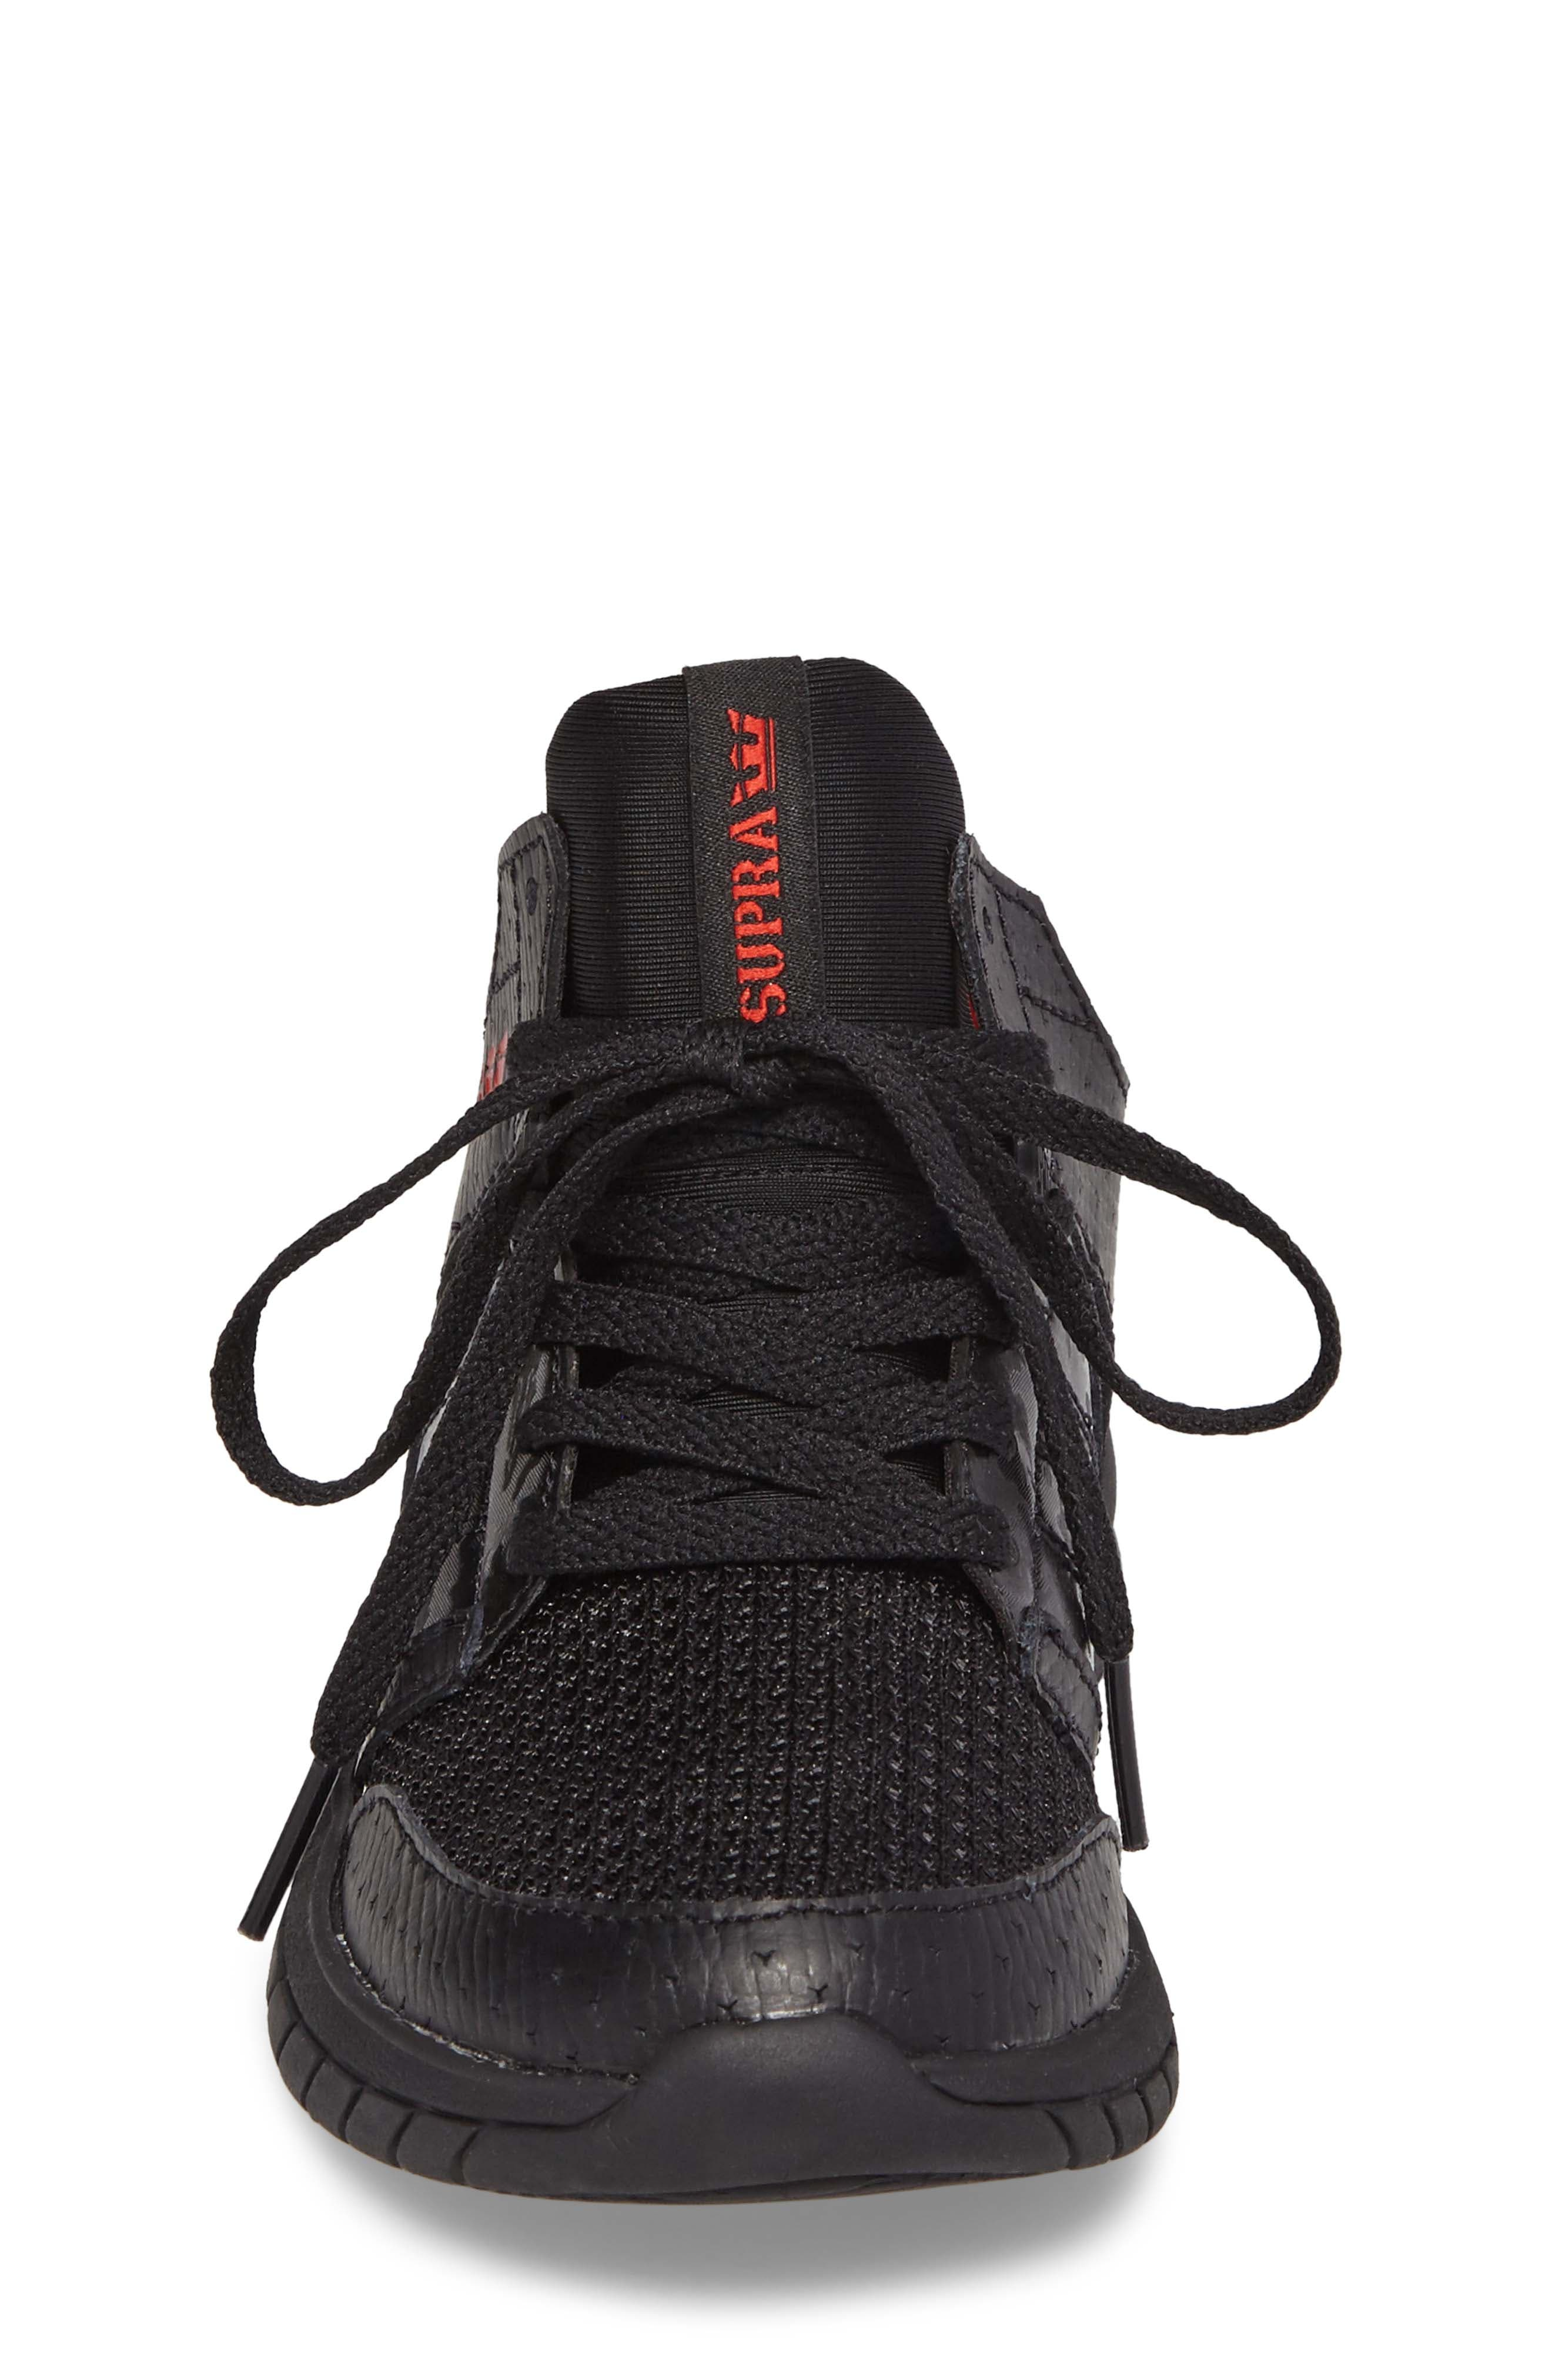 Method Sneaker,                             Alternate thumbnail 4, color,                             001